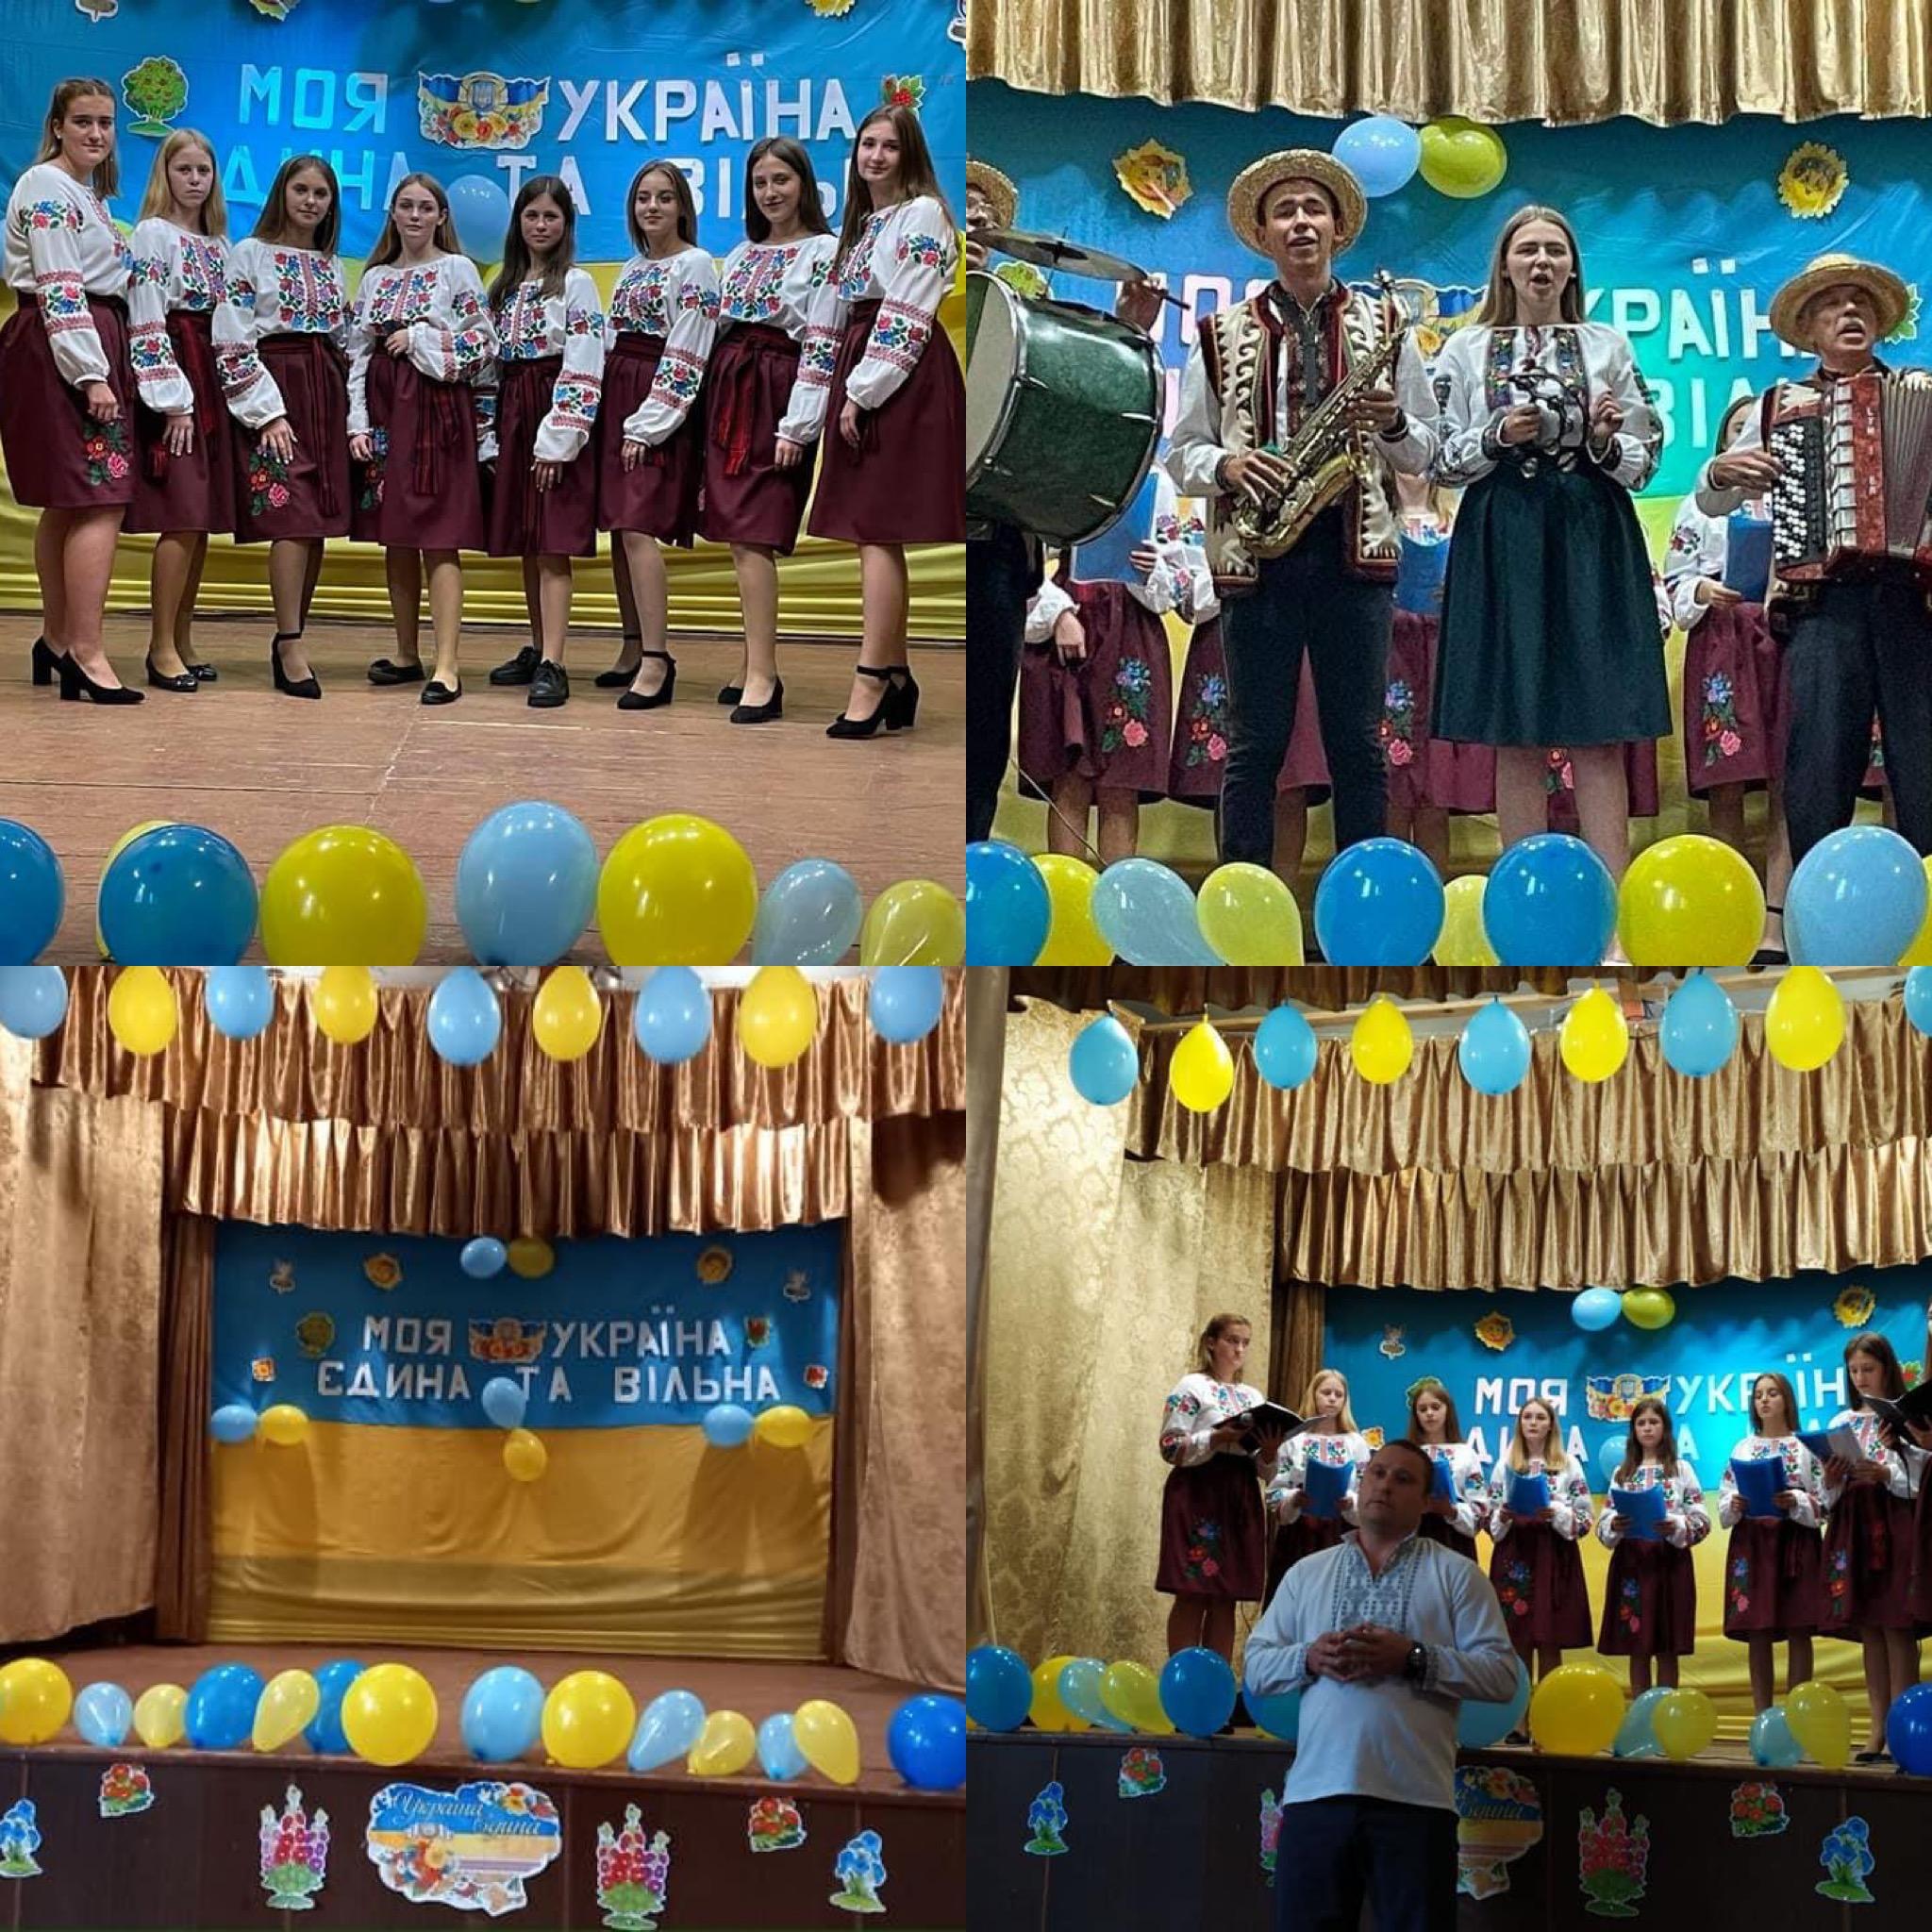 """""""Моя Україна,єдина та сильна"""" урочистий вечір з нагоди Дня Незалежності у с. Малий Любінь"""